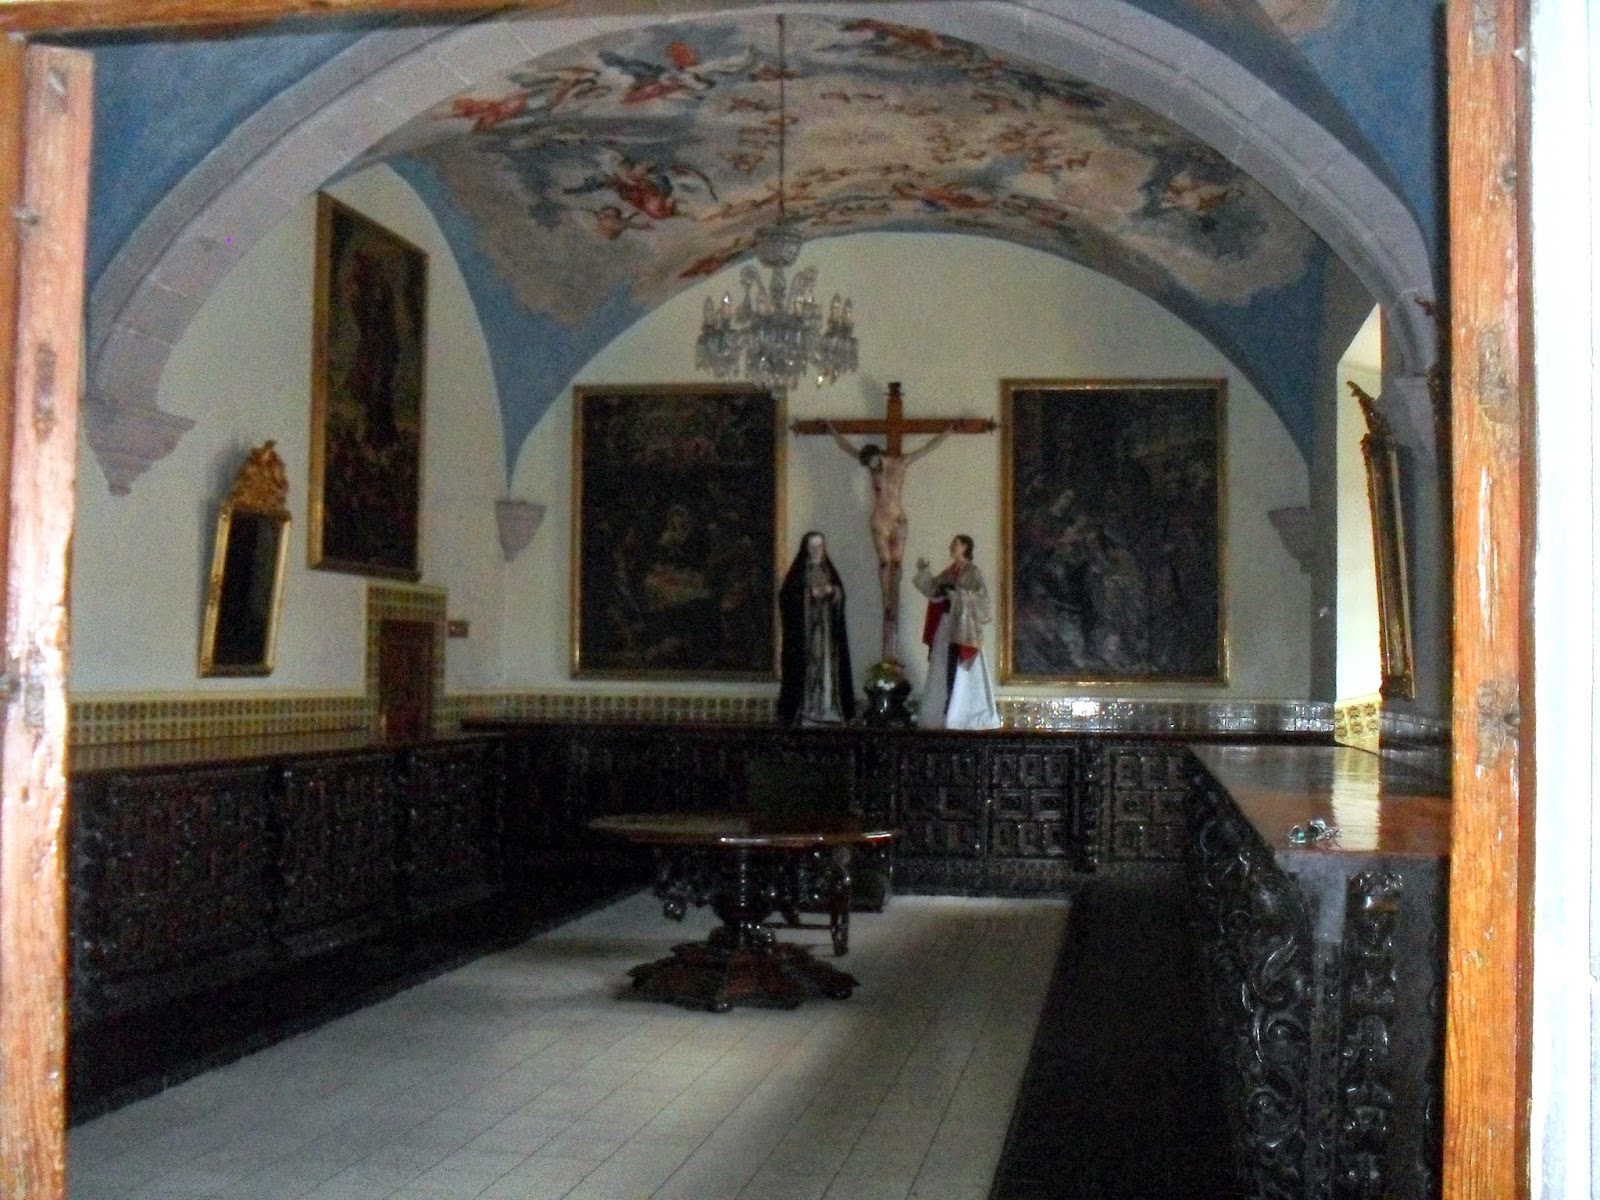 Terranova revista de cultura cr tica y curiosidades for El mural guadalajara jalisco